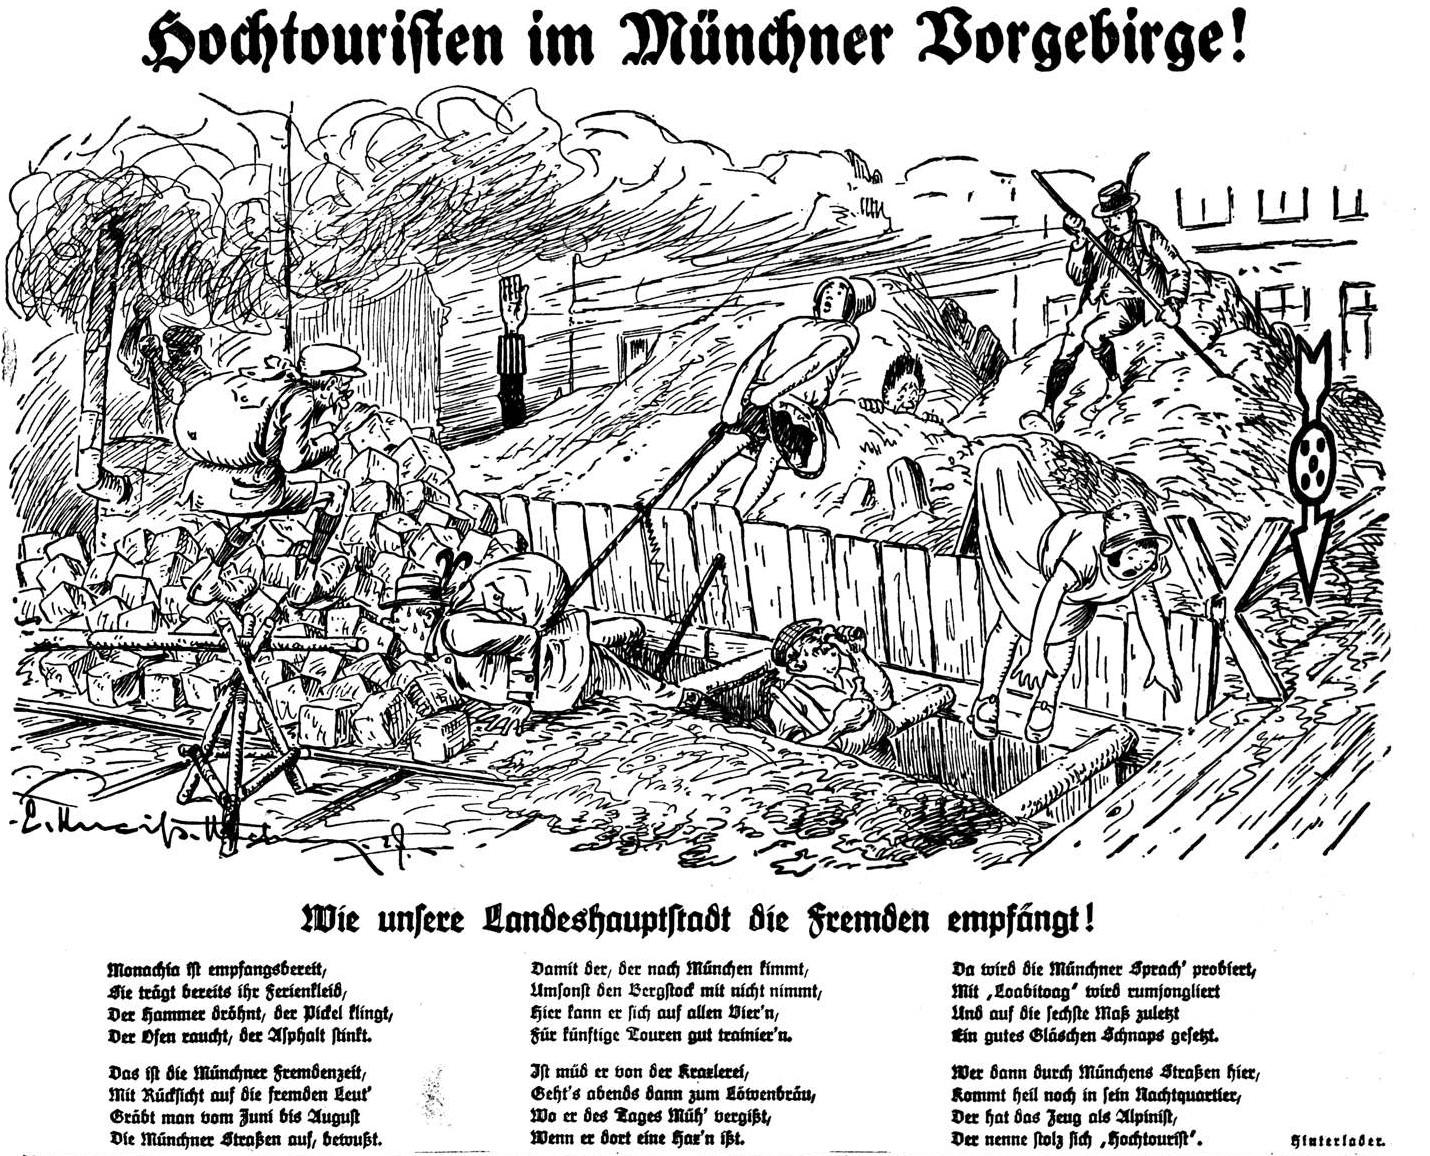 Hochtouristen im Münchner Vorgebirge!